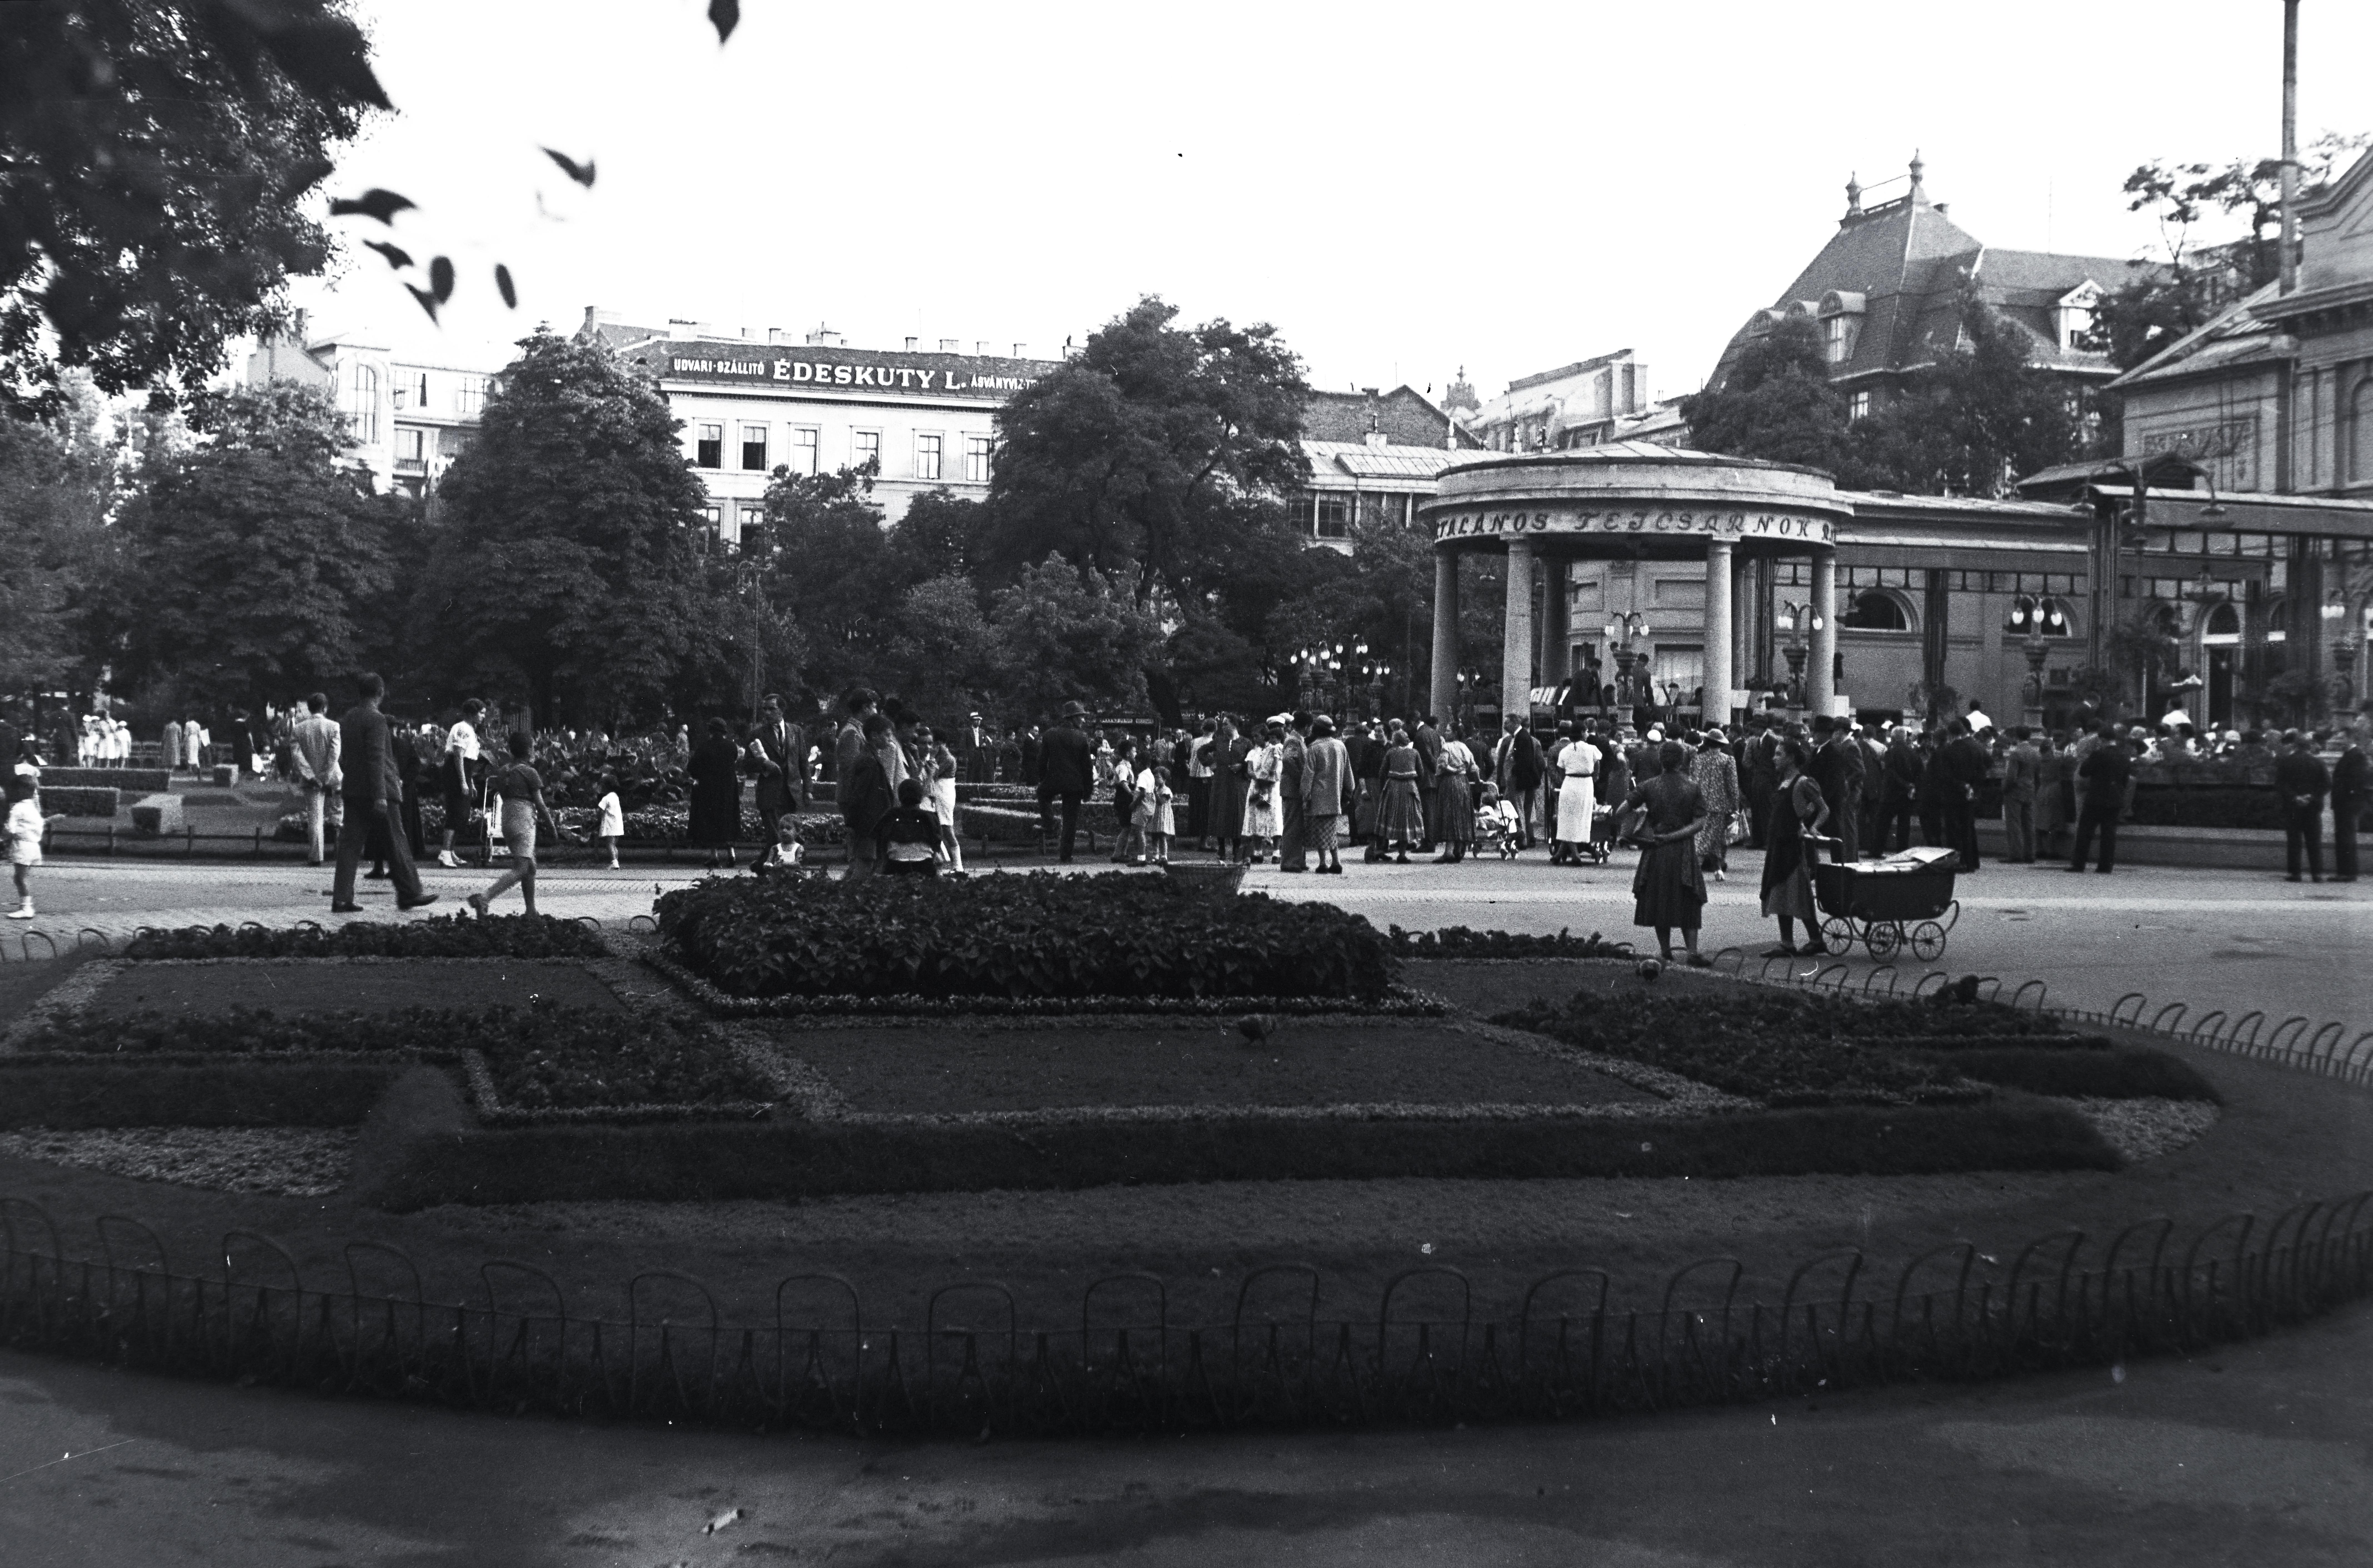 Melyik belvárosi tér látható a képen?